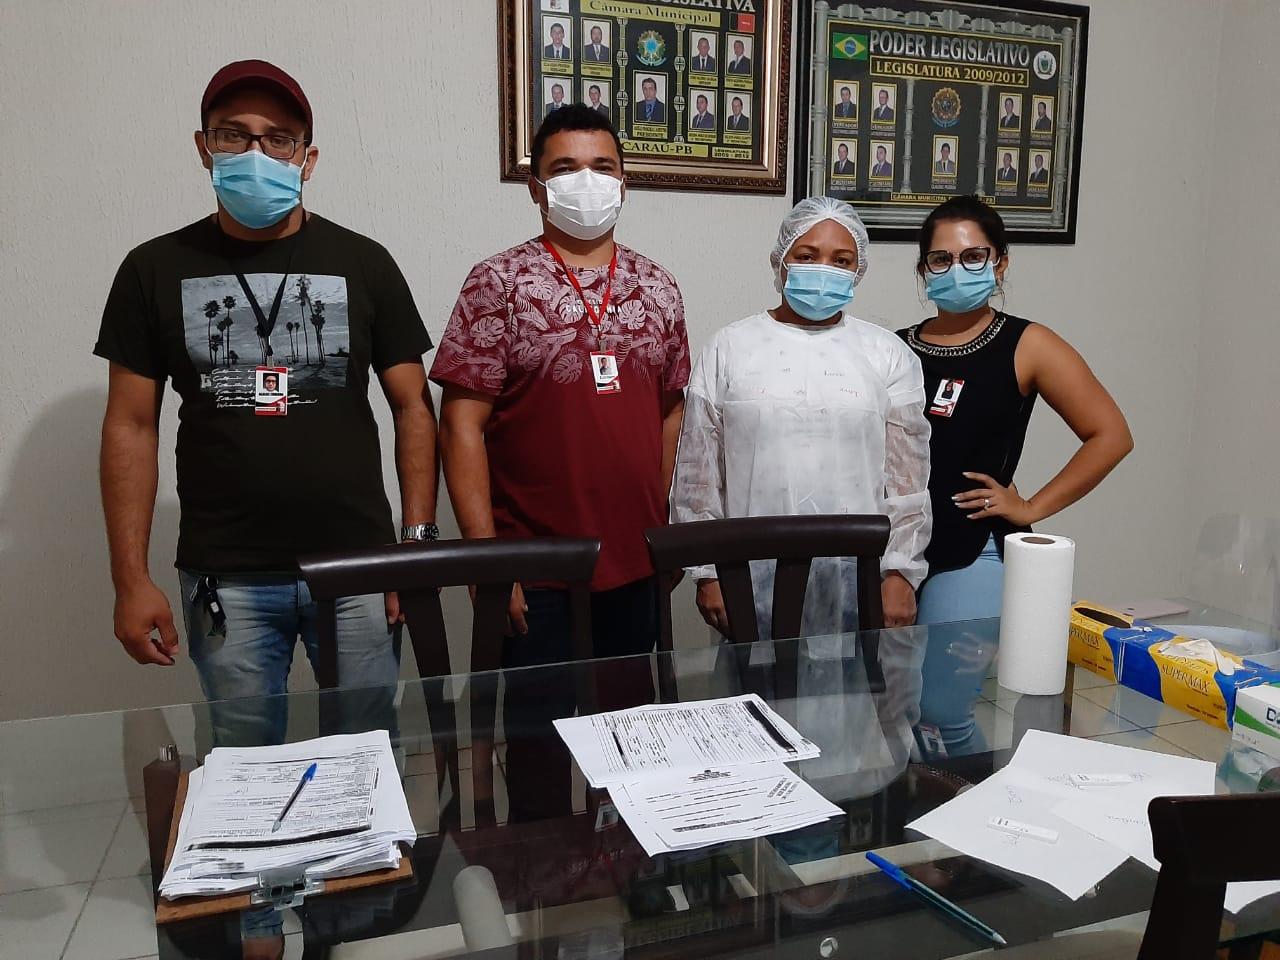 Vereadores e funcionários da Câmara Municipal de Jacaraú realizam teste de Covid-19.